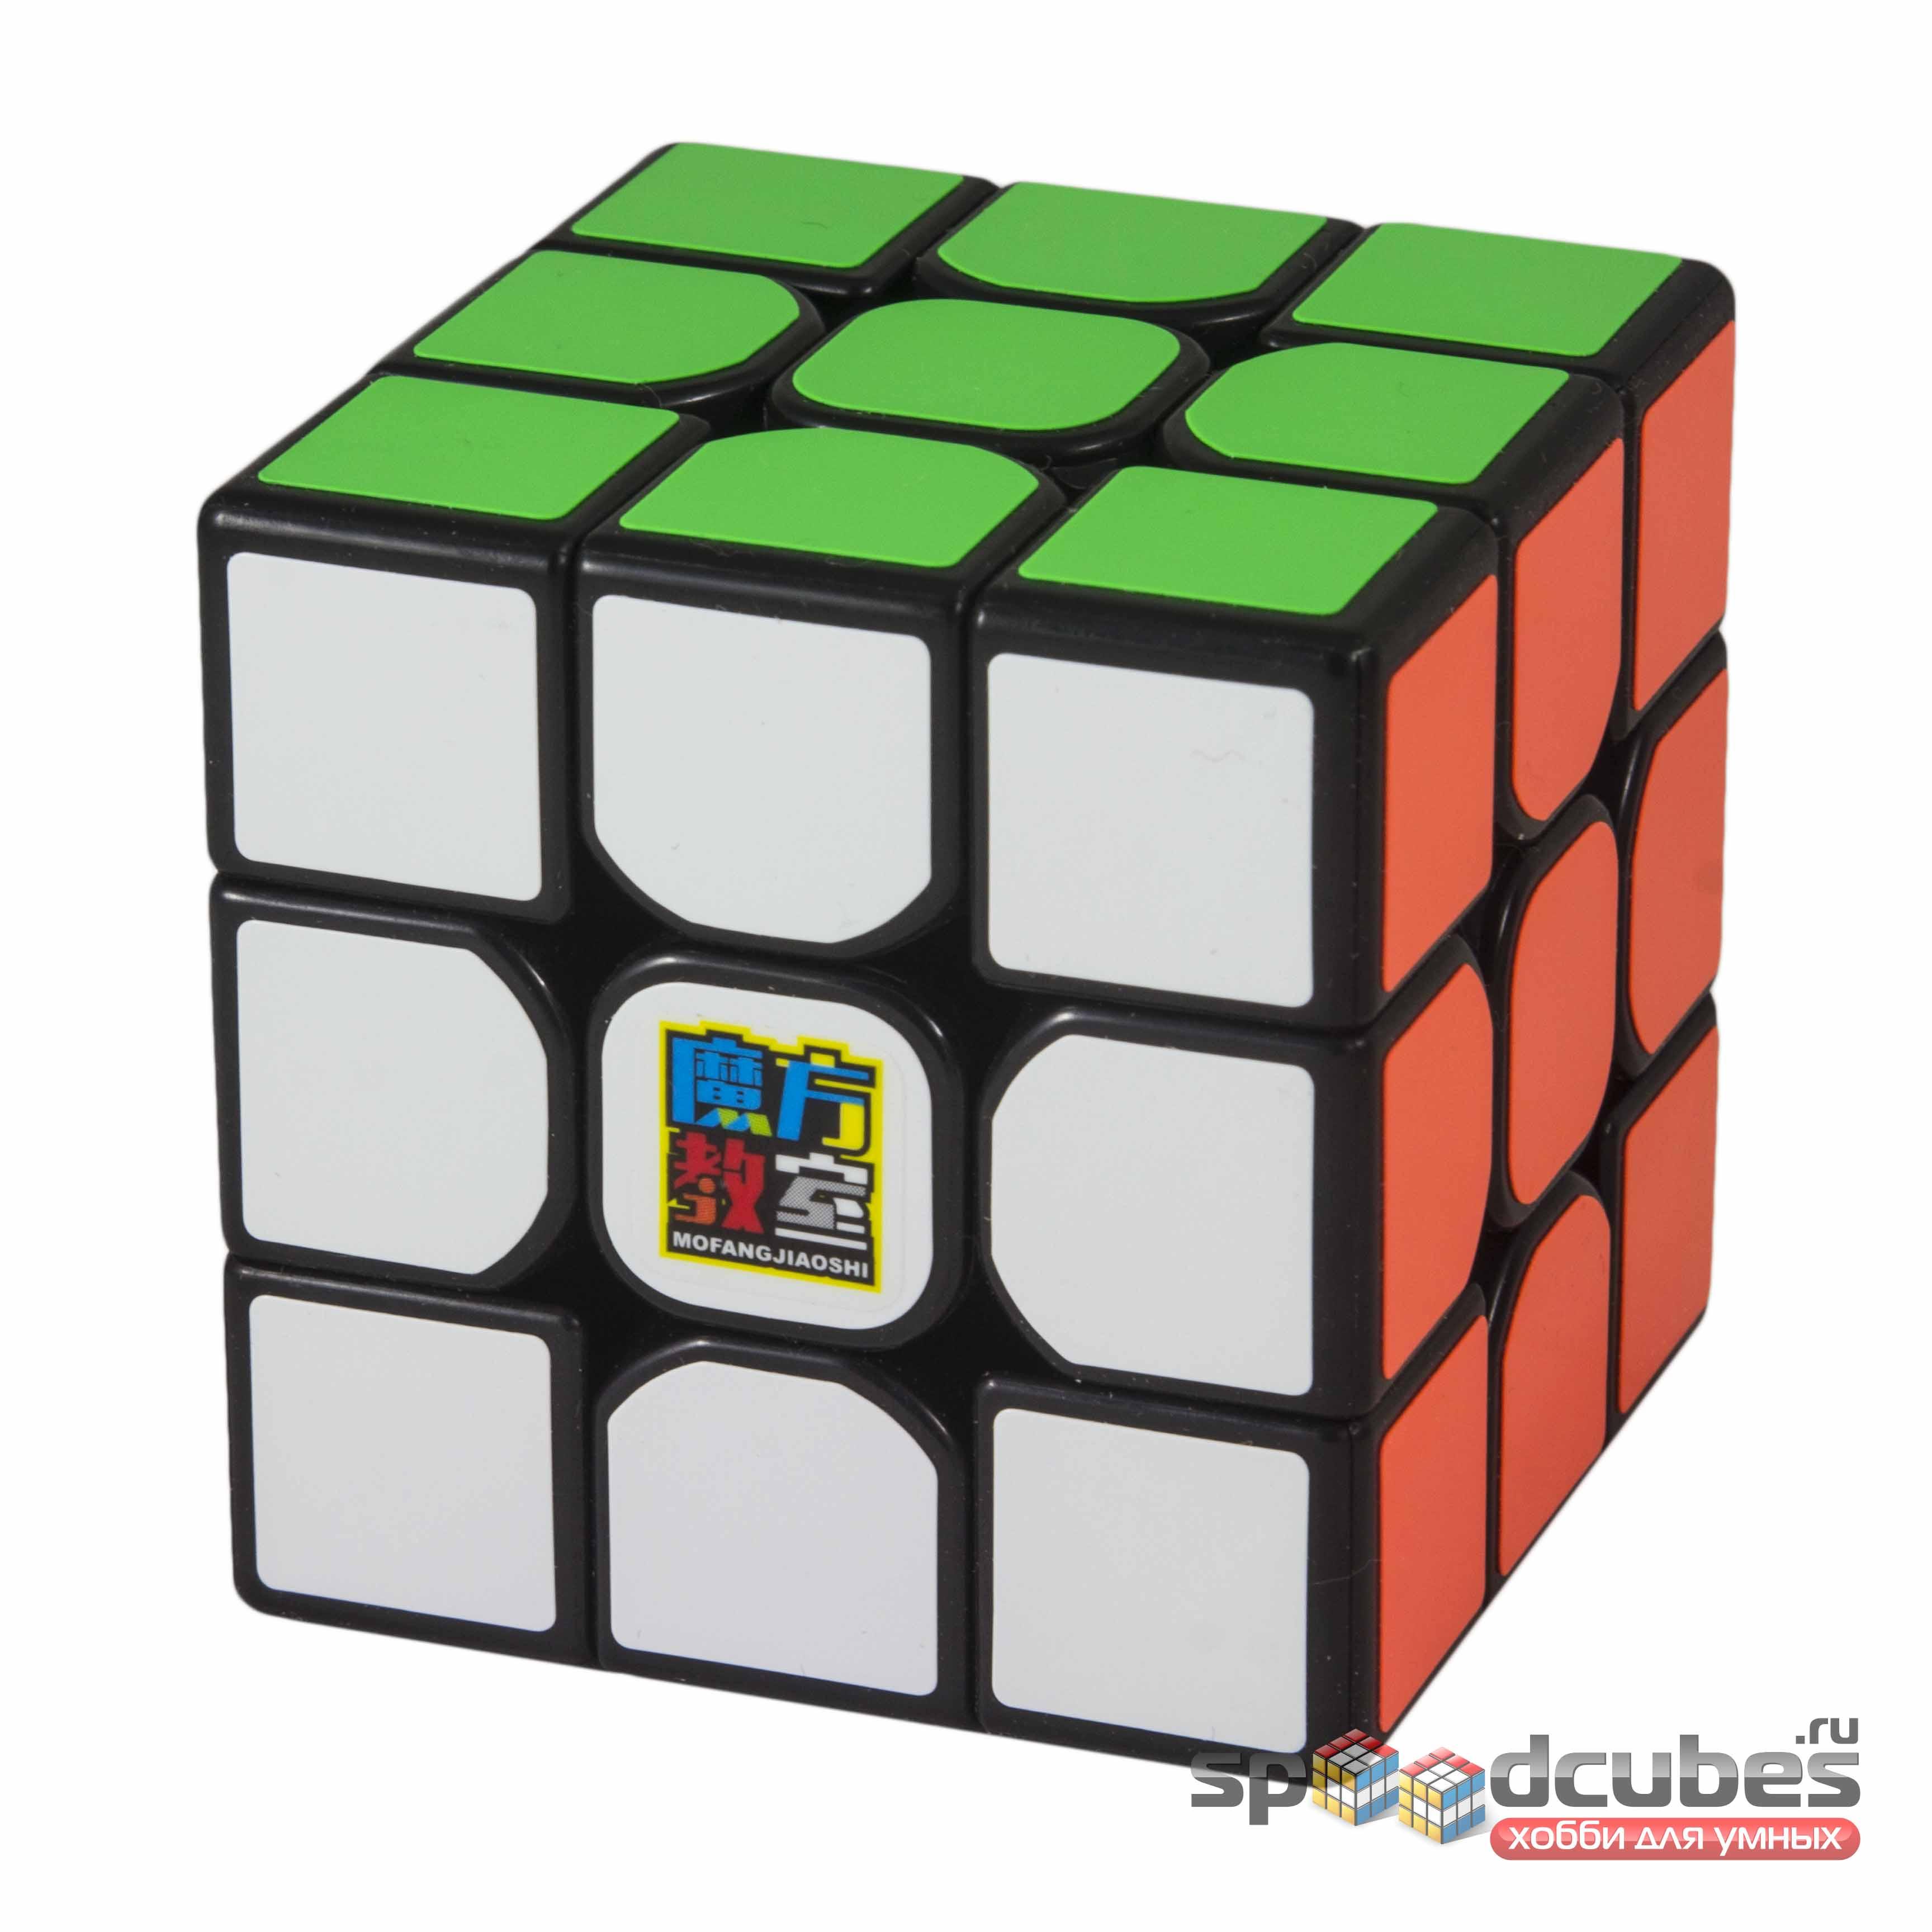 MoYu 3x3x3 Mofangjiaoshi MF3Rs